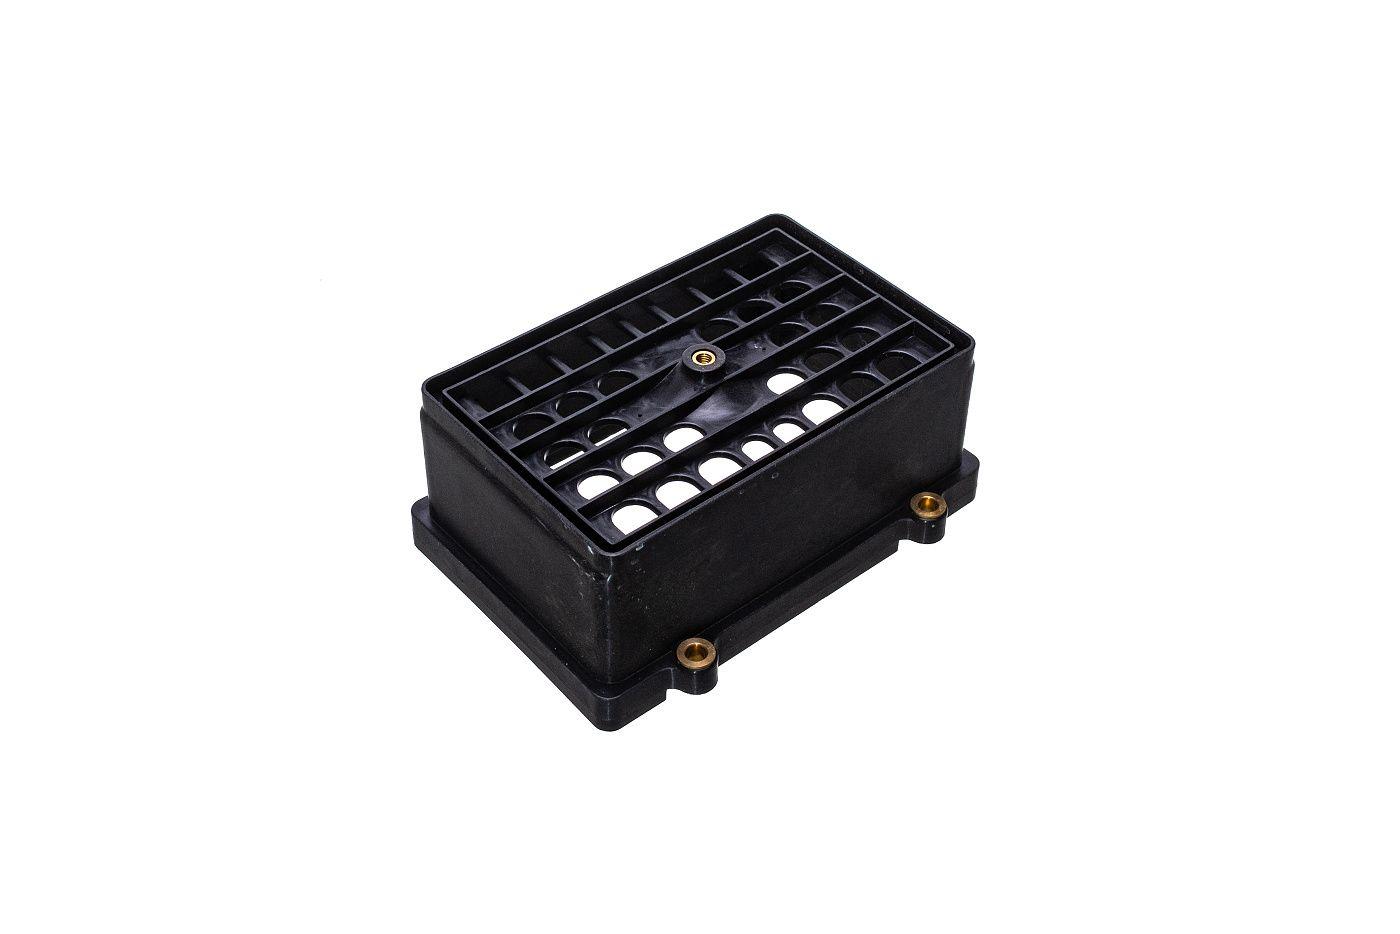 Kryt vzduchového filtra vhodný pre STIHL TS400 - 4223 140 2800